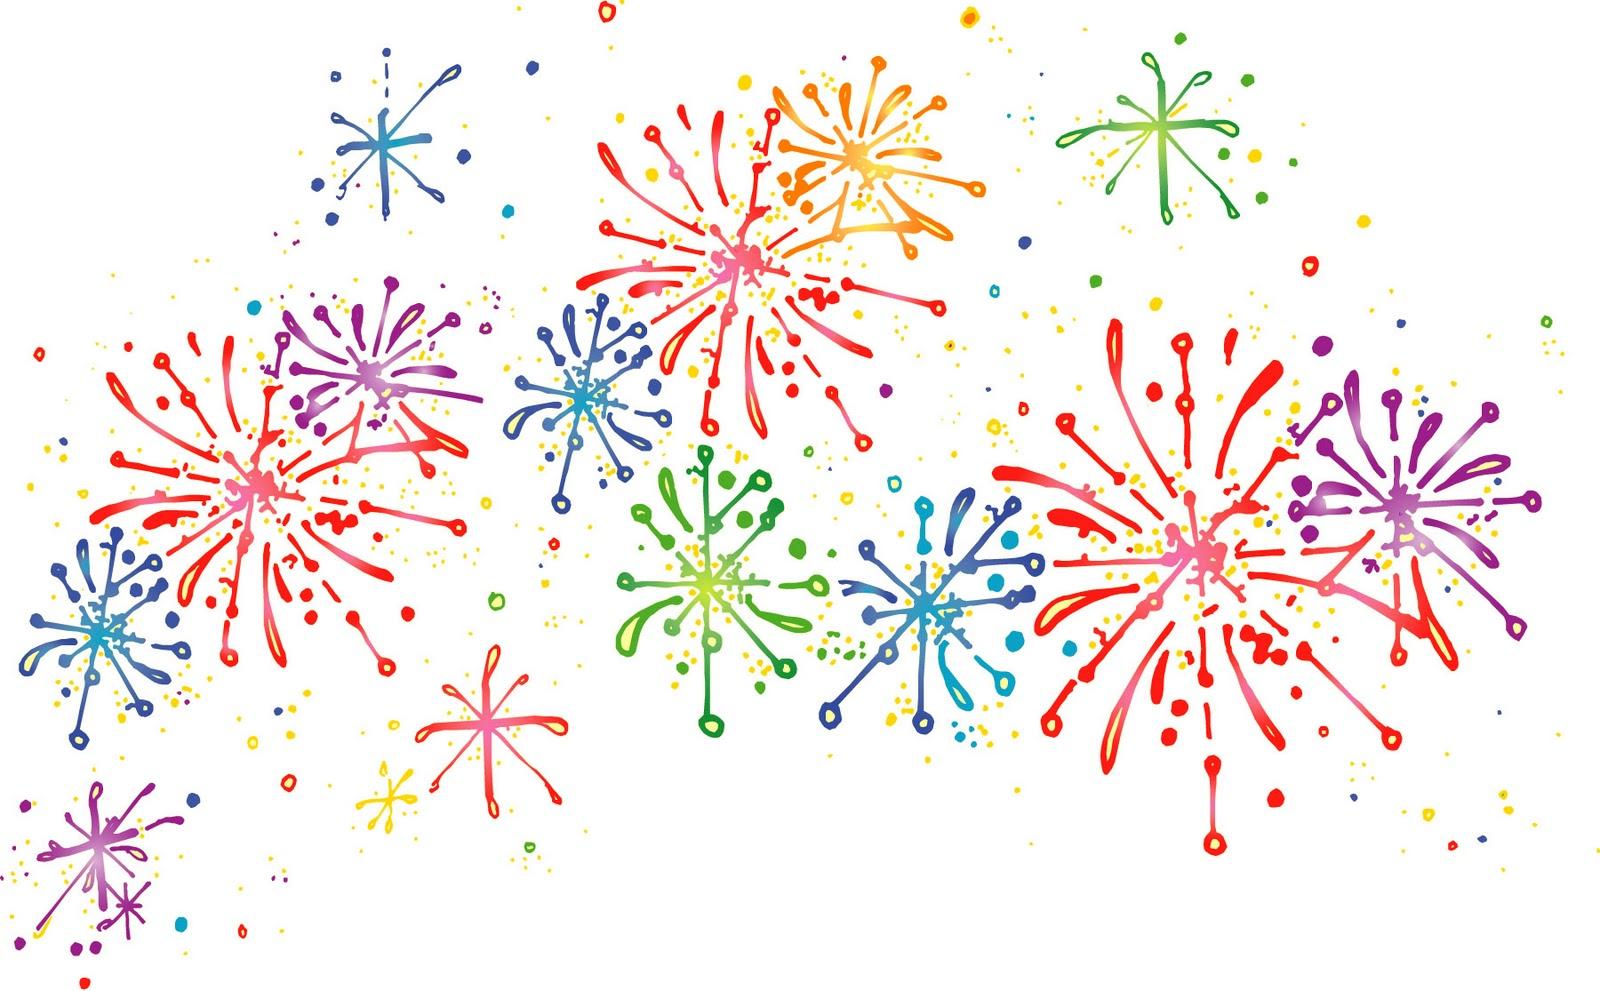 Celebration celebrate border cliparts free download clip art